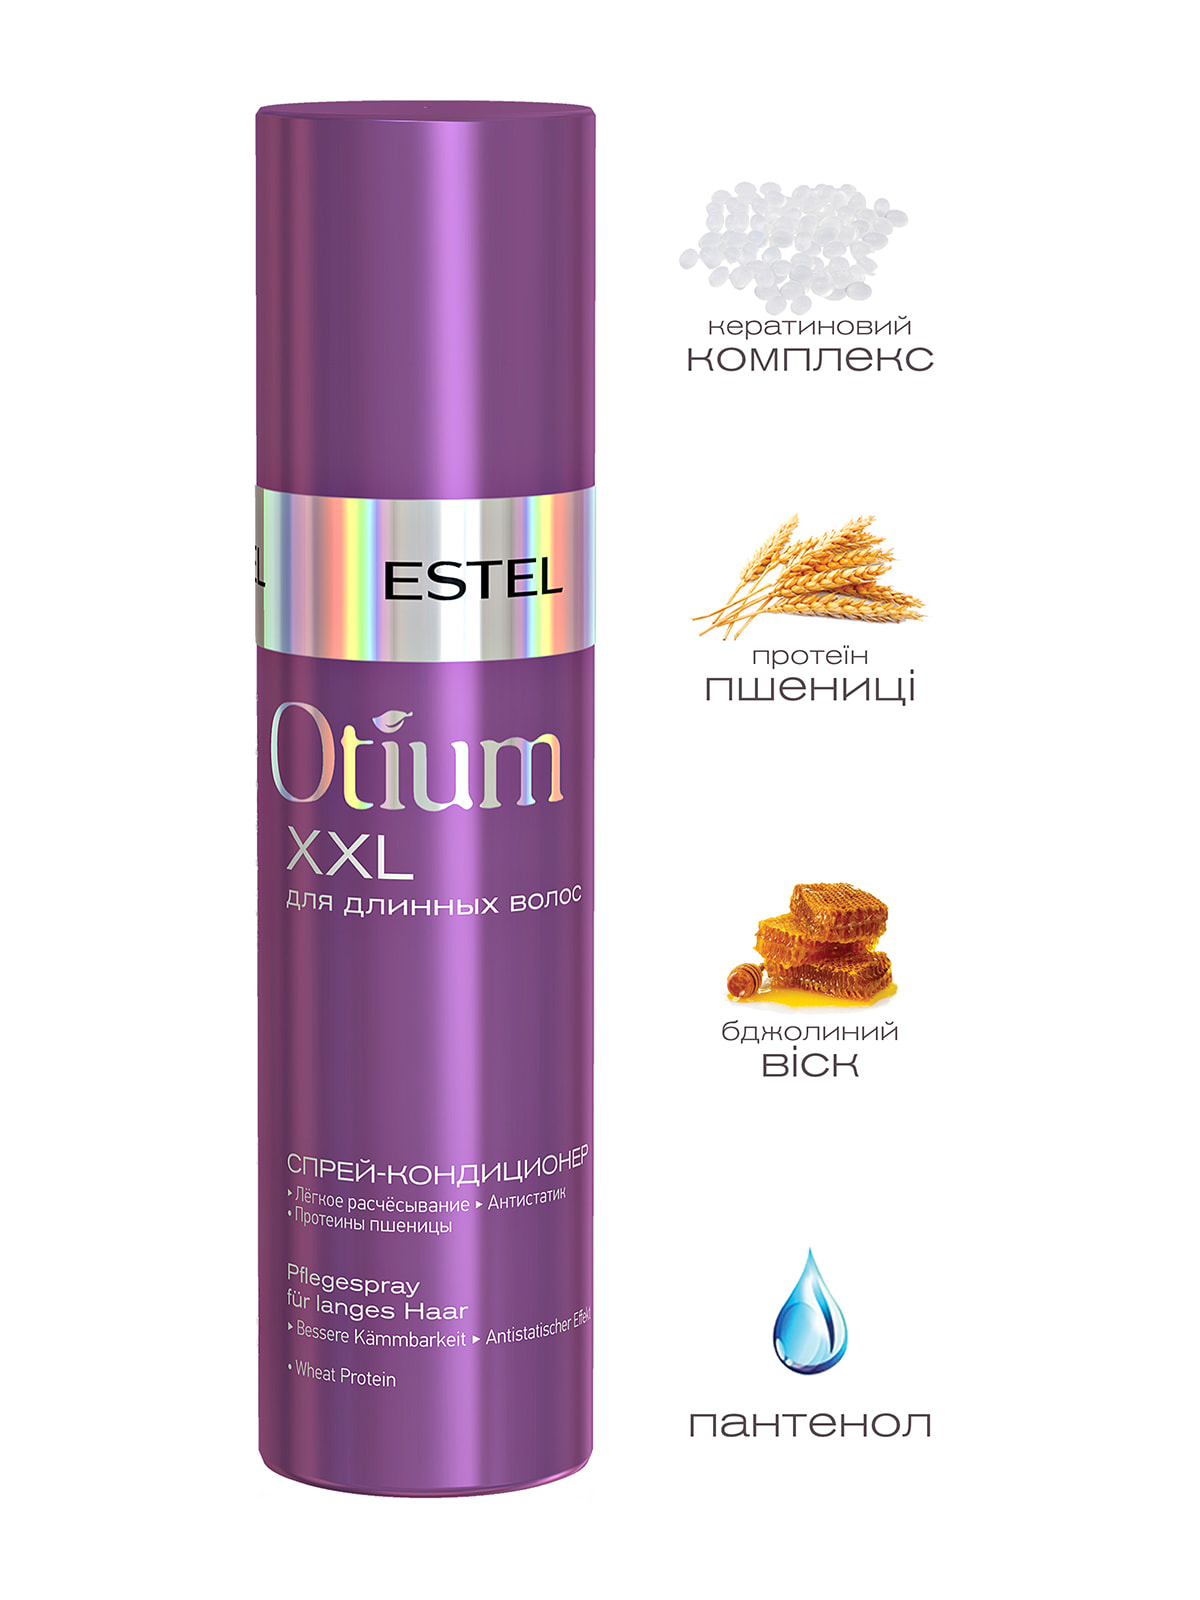 Спрей-кондиционер для длинных волос Otium XXL (200 мл) | 4693994